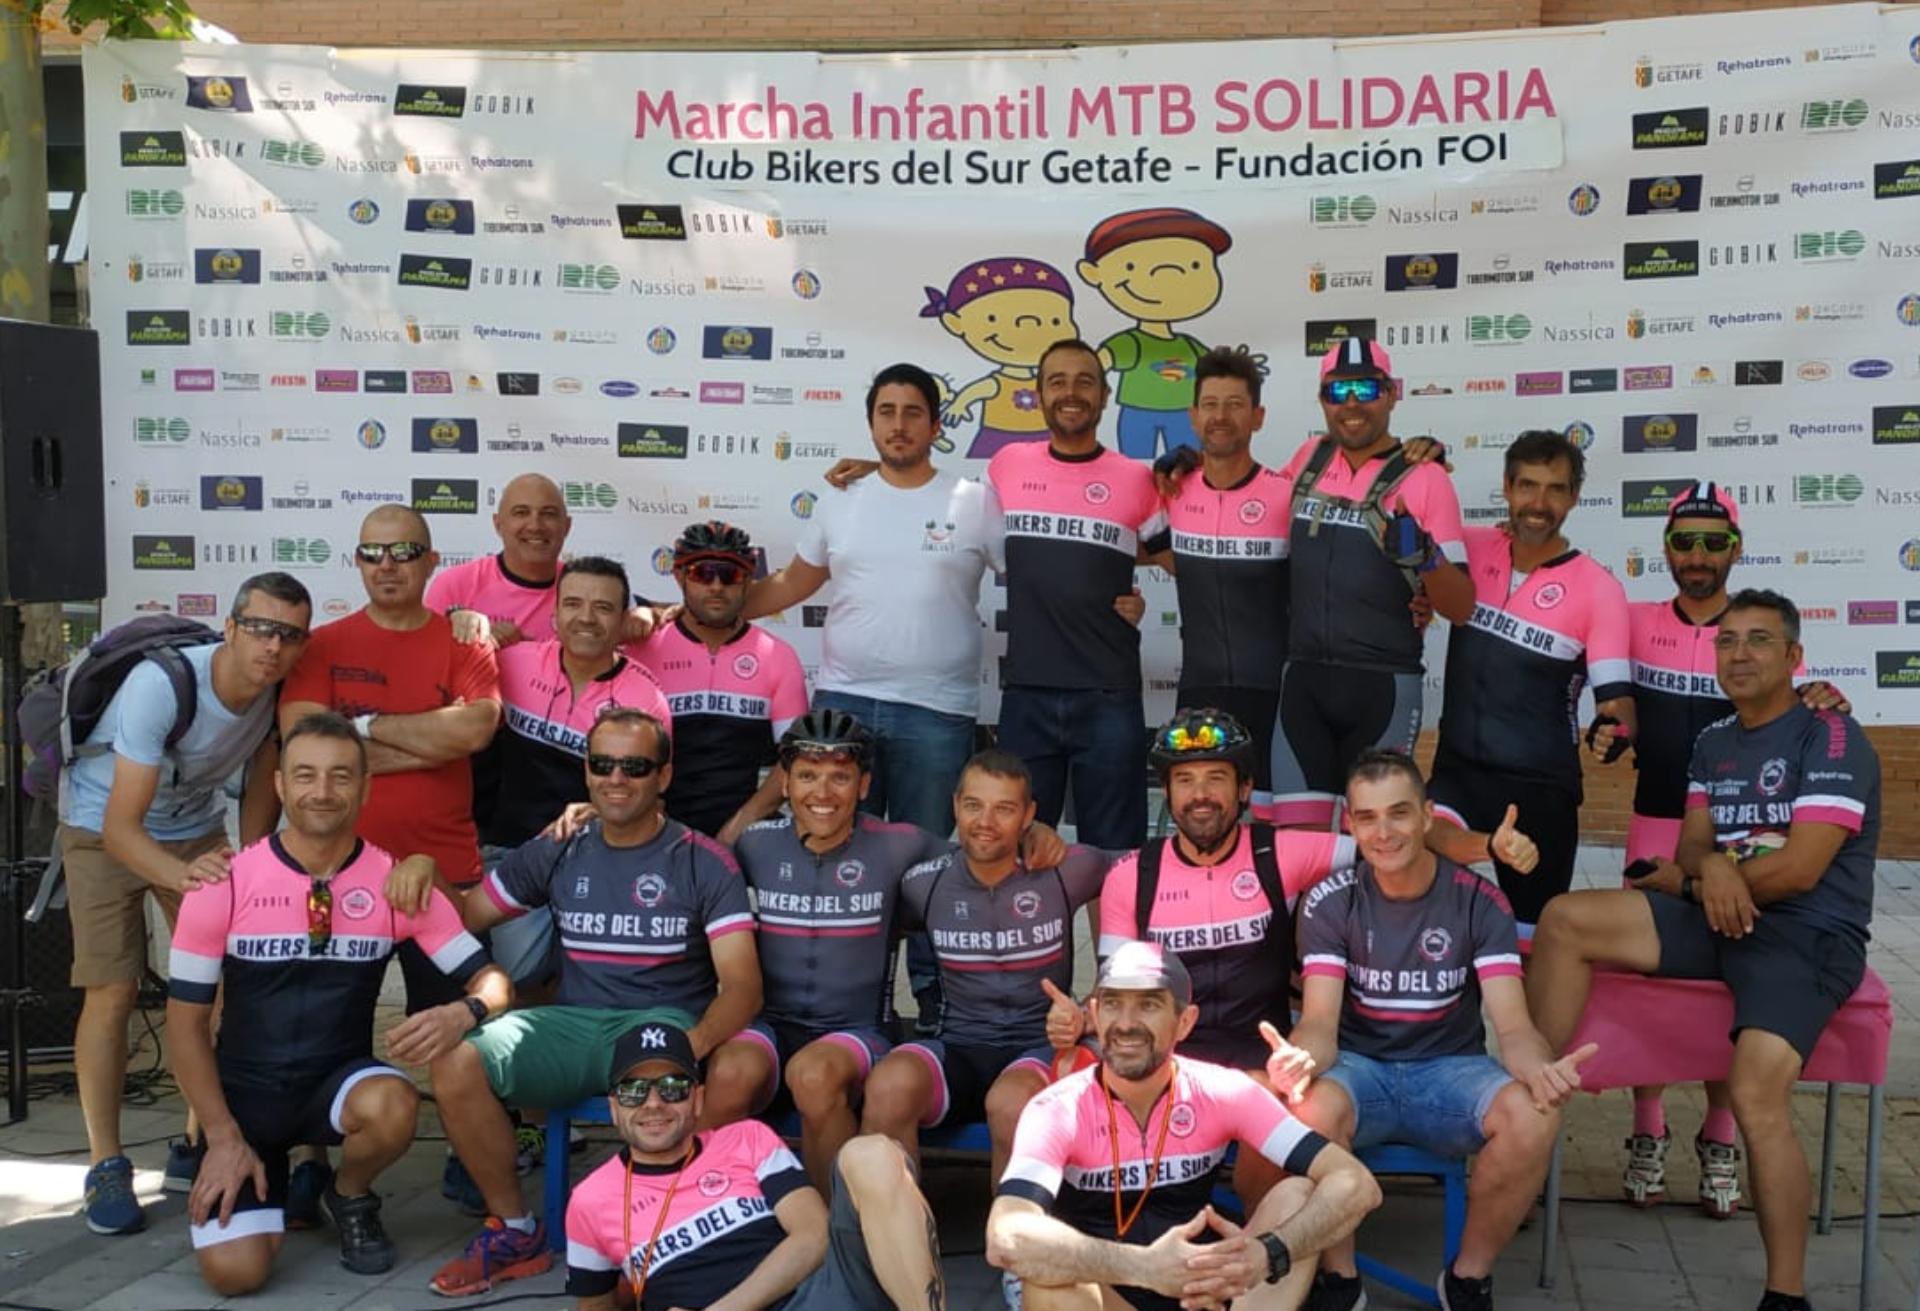 Club Deportivo Bikers del Sur Getafe